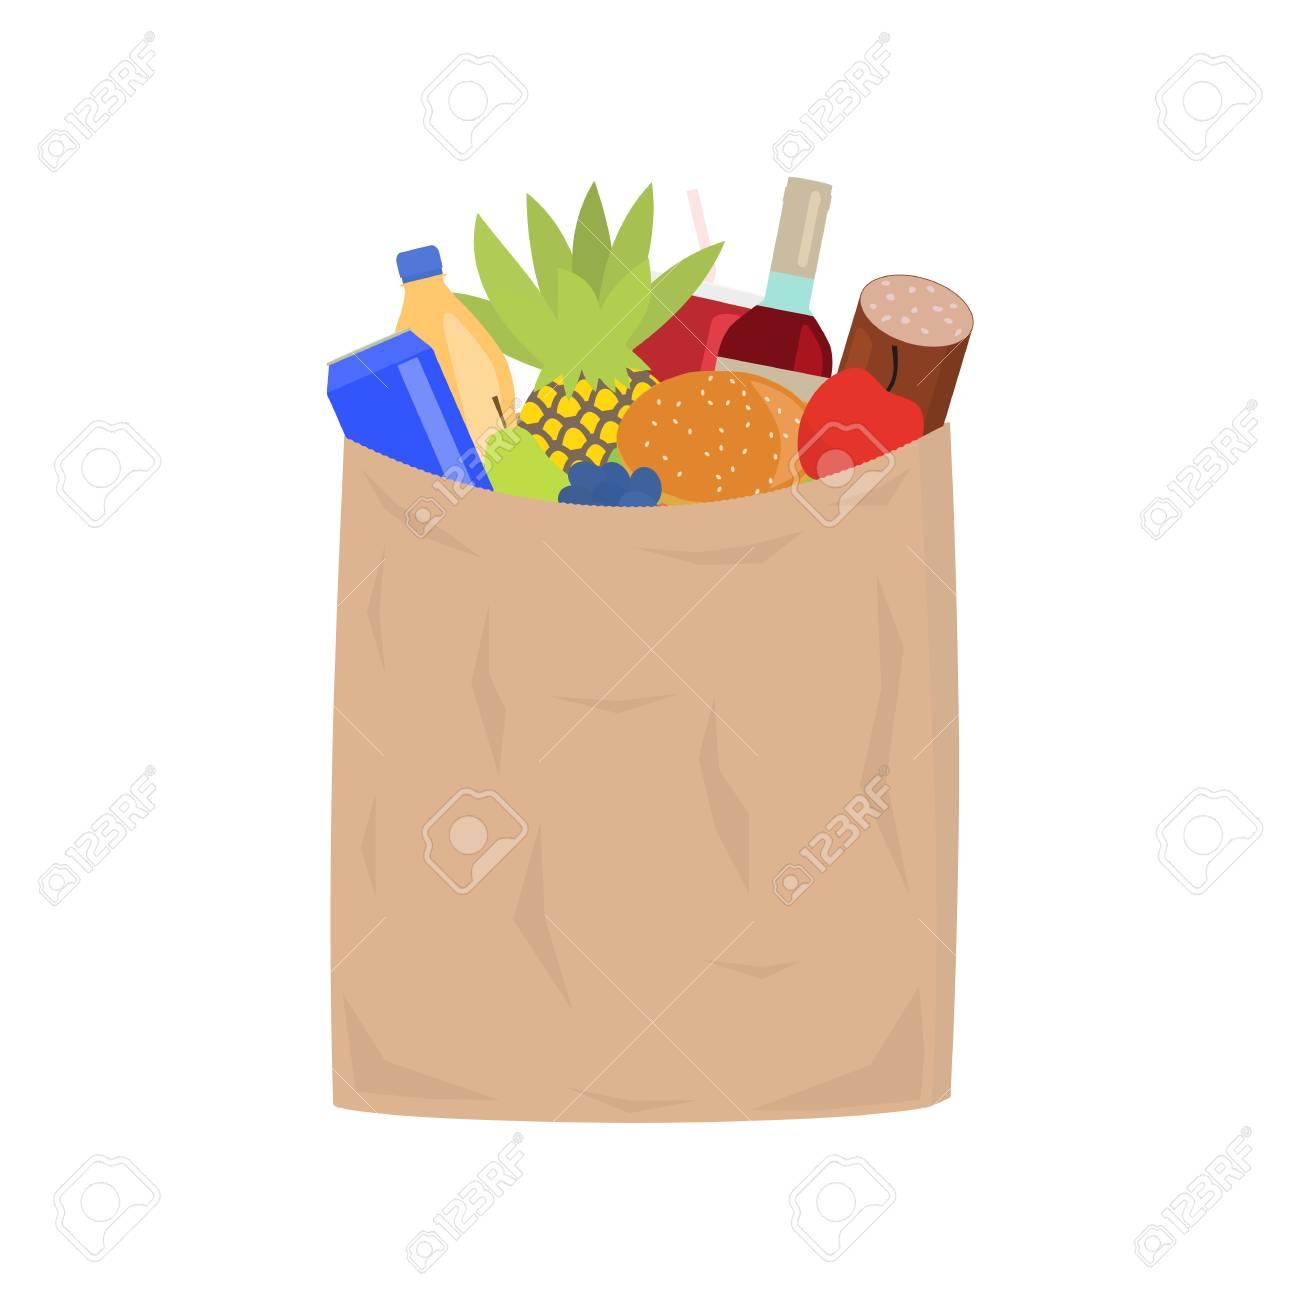 316bf794981 Foto de archivo - Ilustración de la bolsa de compras de papel llena de  comestibles. Mercado de envasado de papel con alimentos. Aislado blanco  estilo plano.